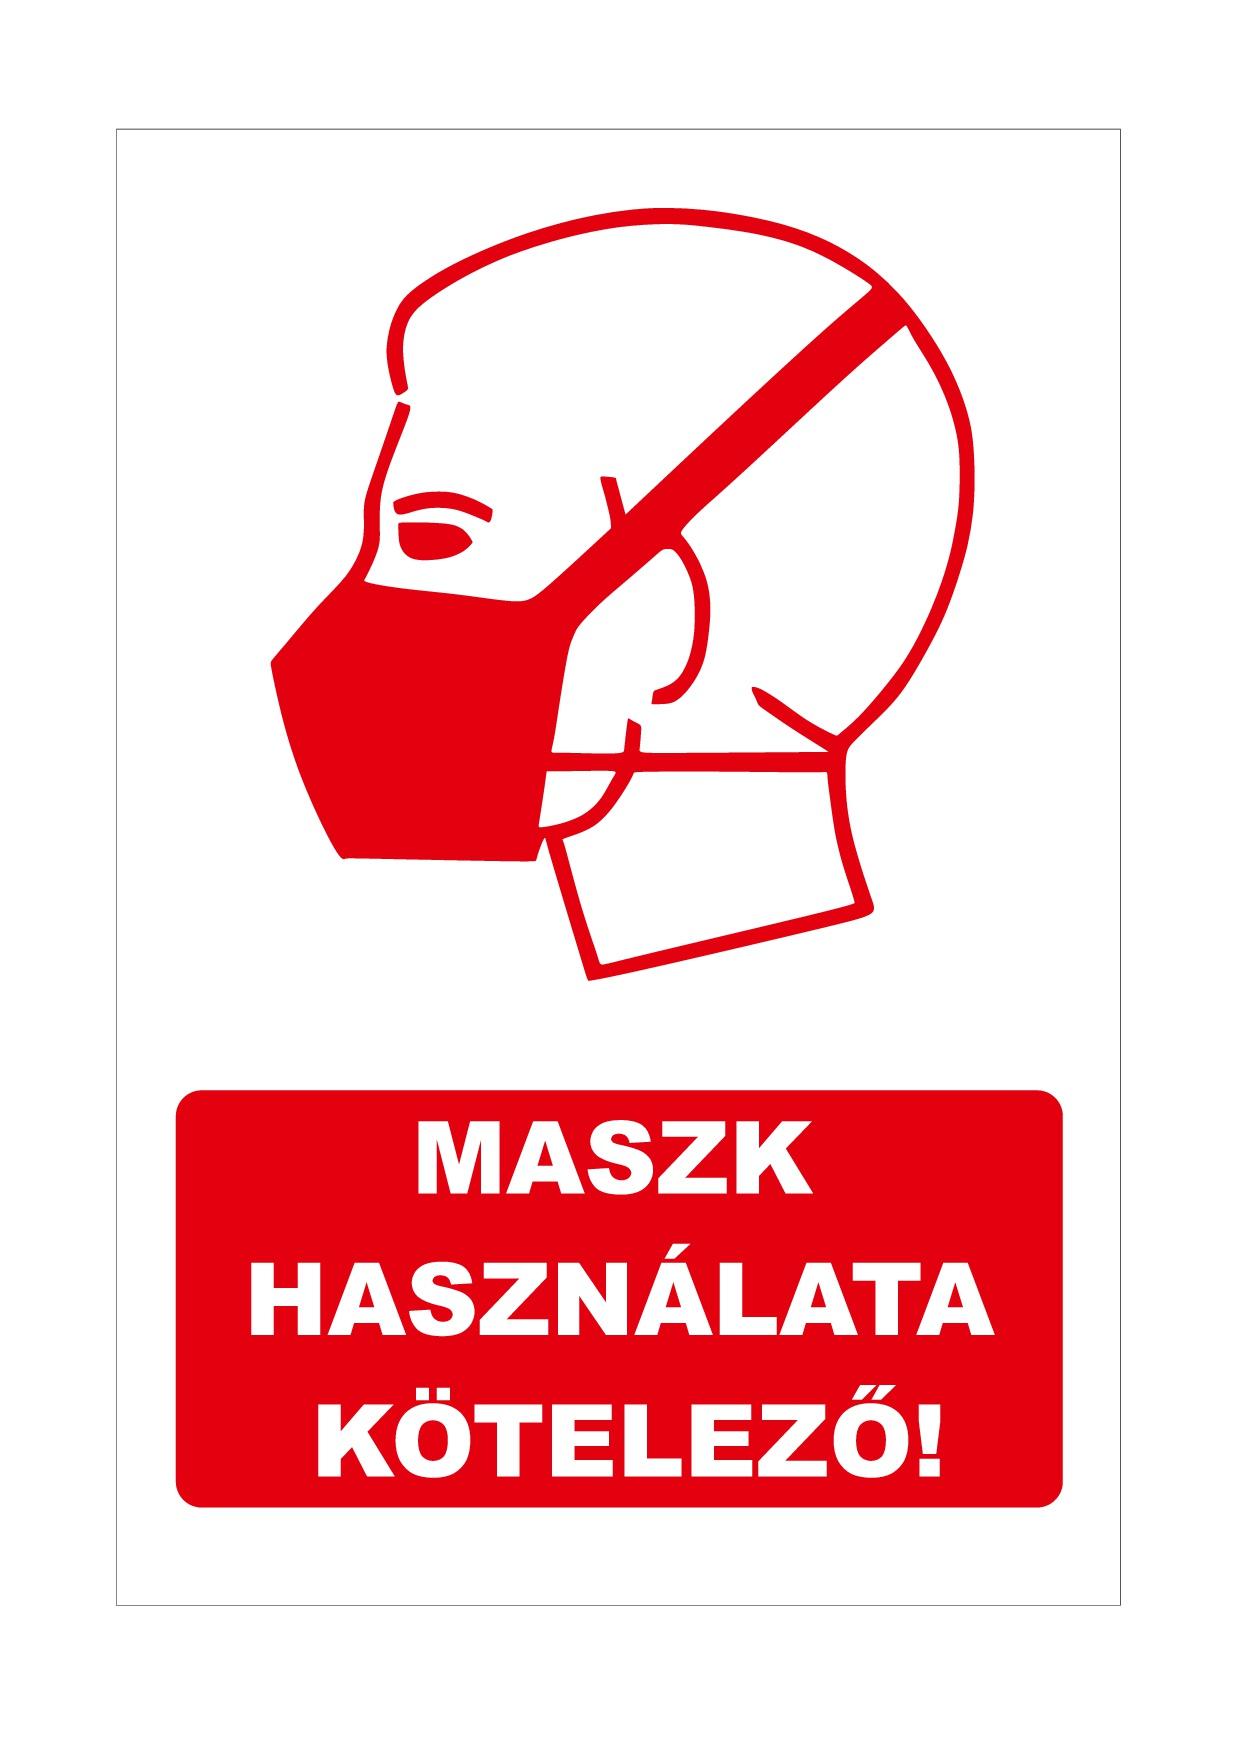 Maszk használata kötelező - Matricák - Elsősegély Felszerelés Webshop -  elsosegelyfelszereles.hu